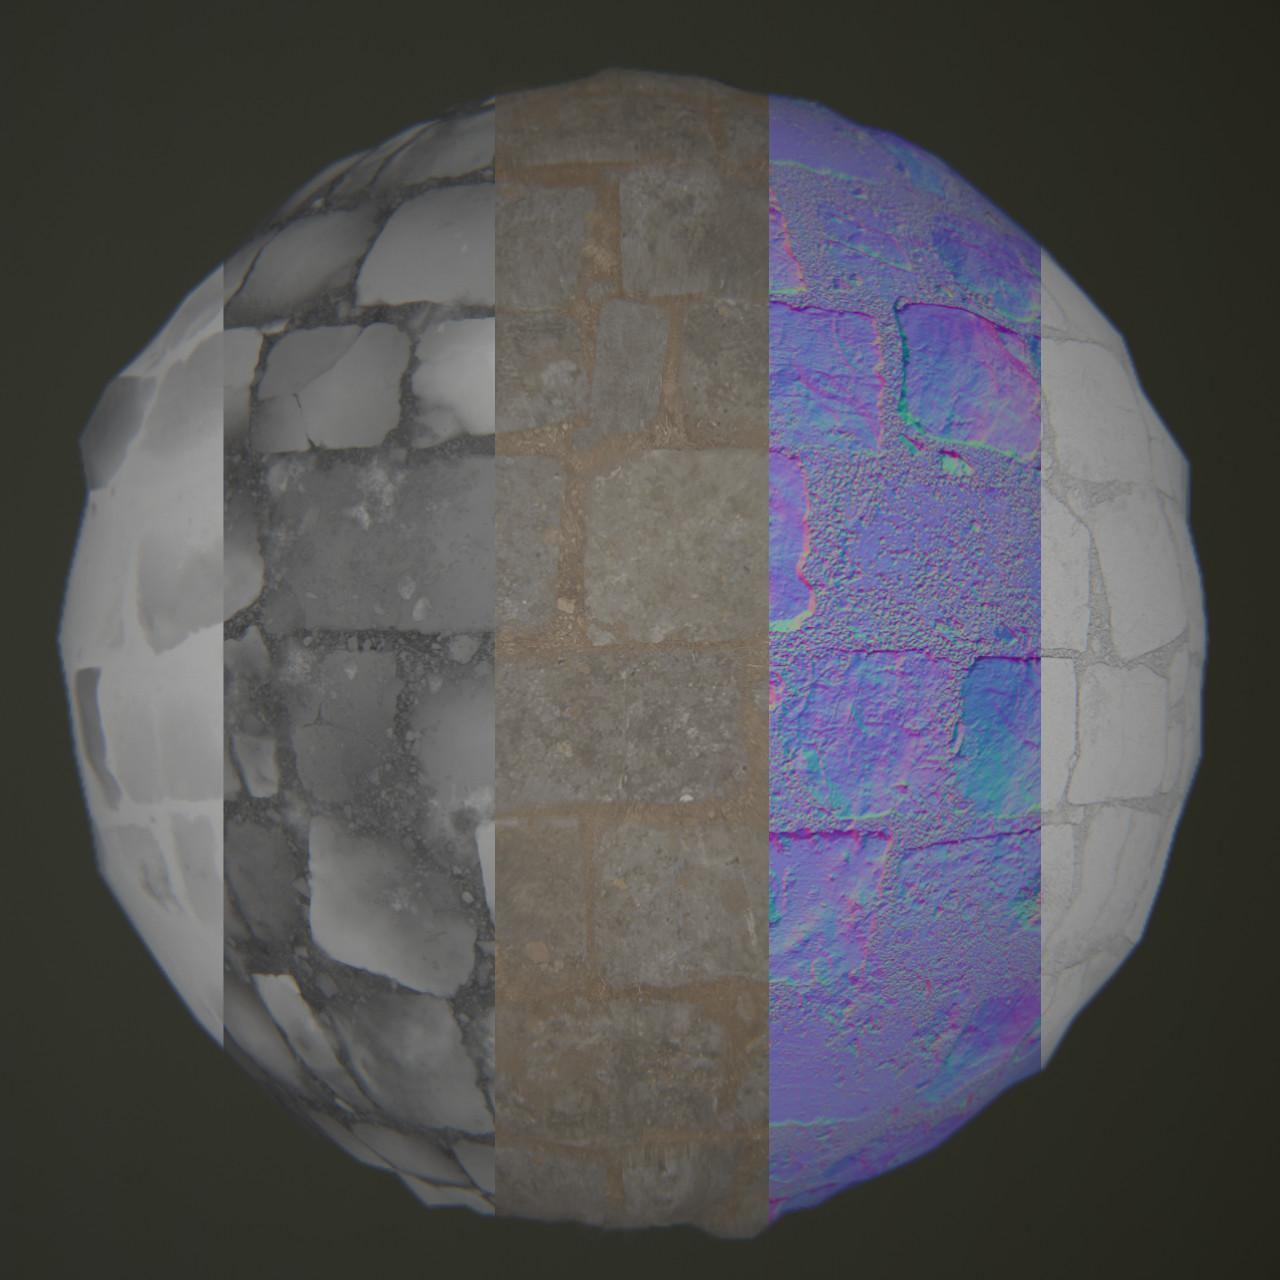 Wayne dalton stone floor 05